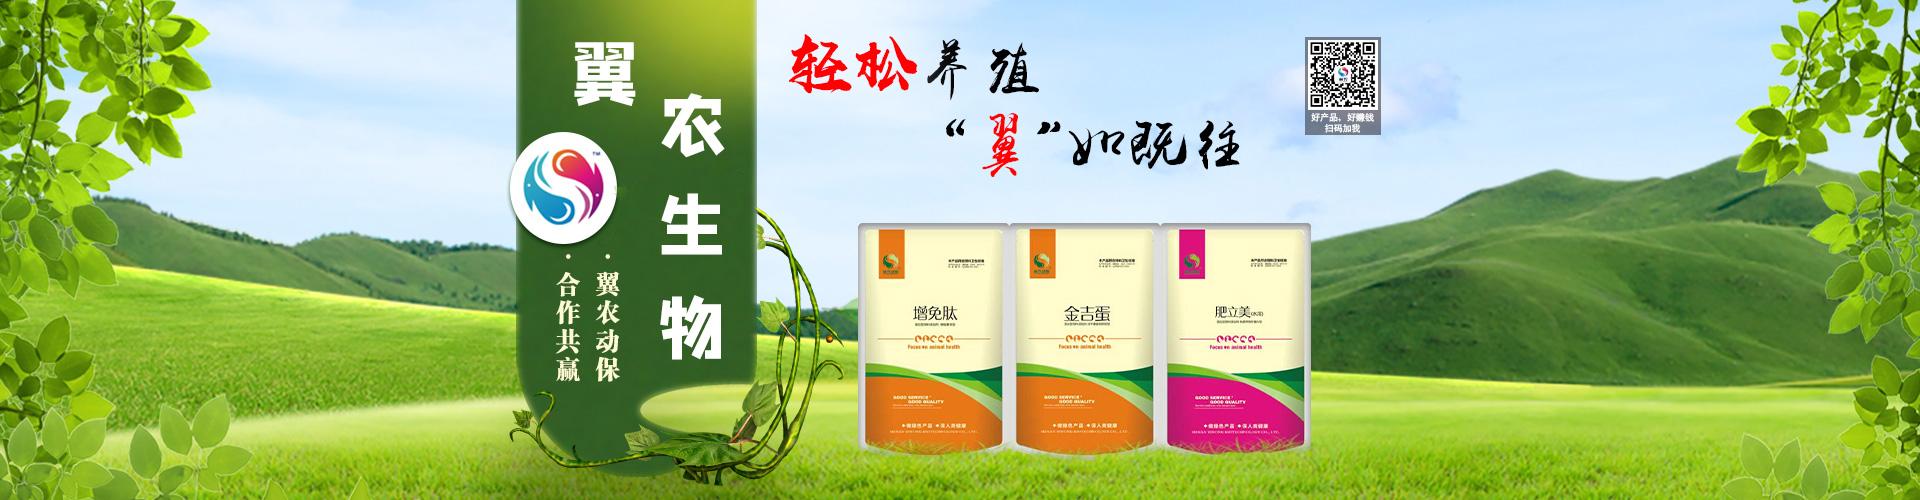 河南翼农生物科技有限公司